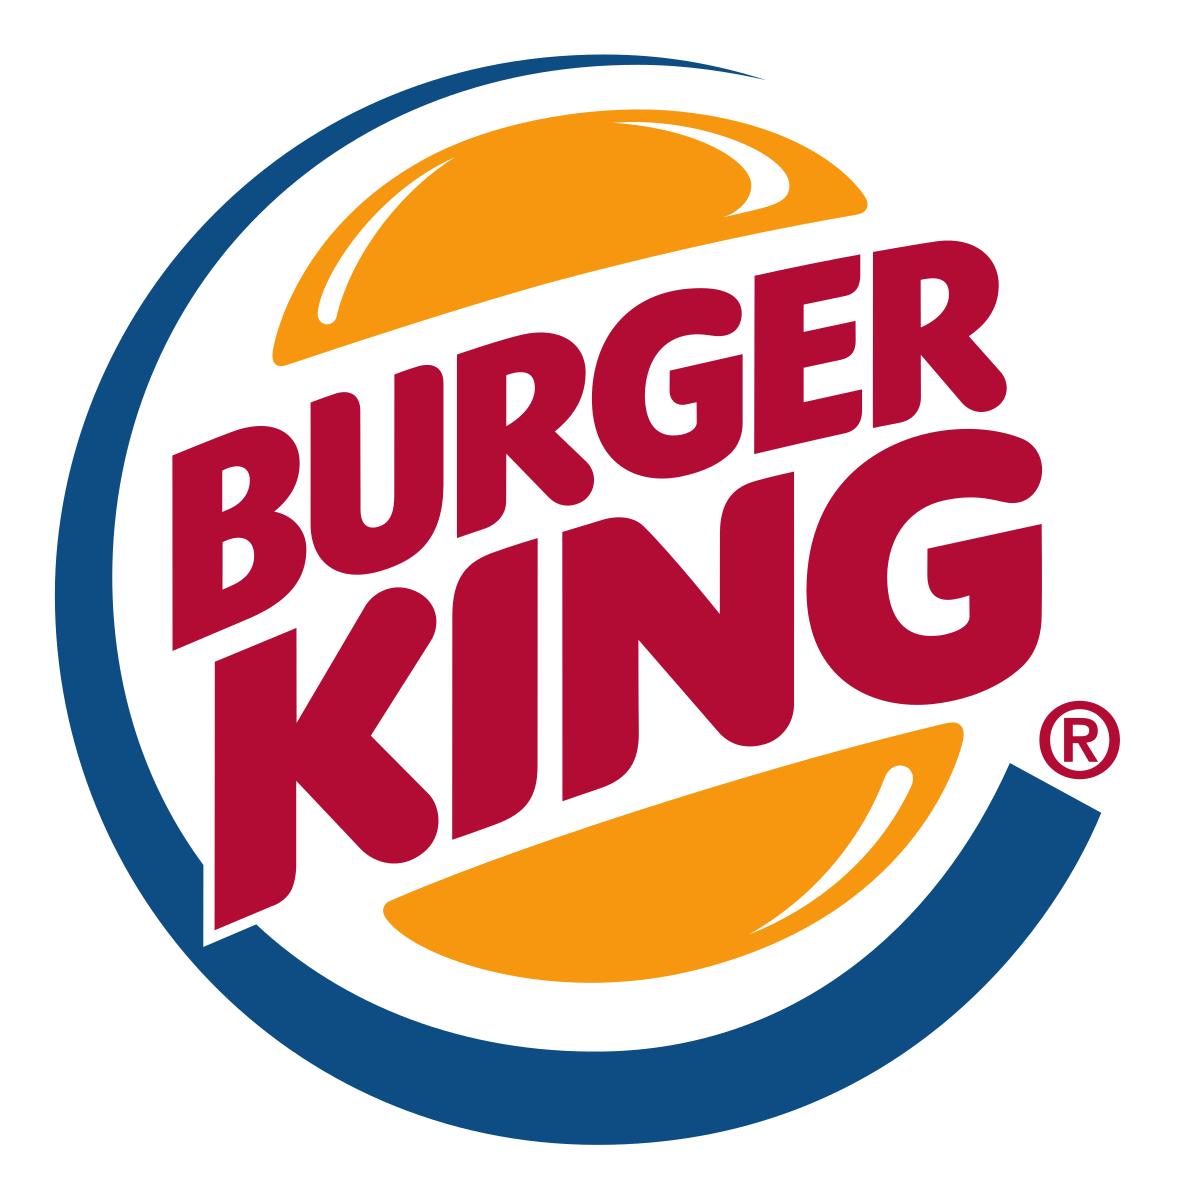 Burger King Gutscheine bundesweit gültig bis 6.11.